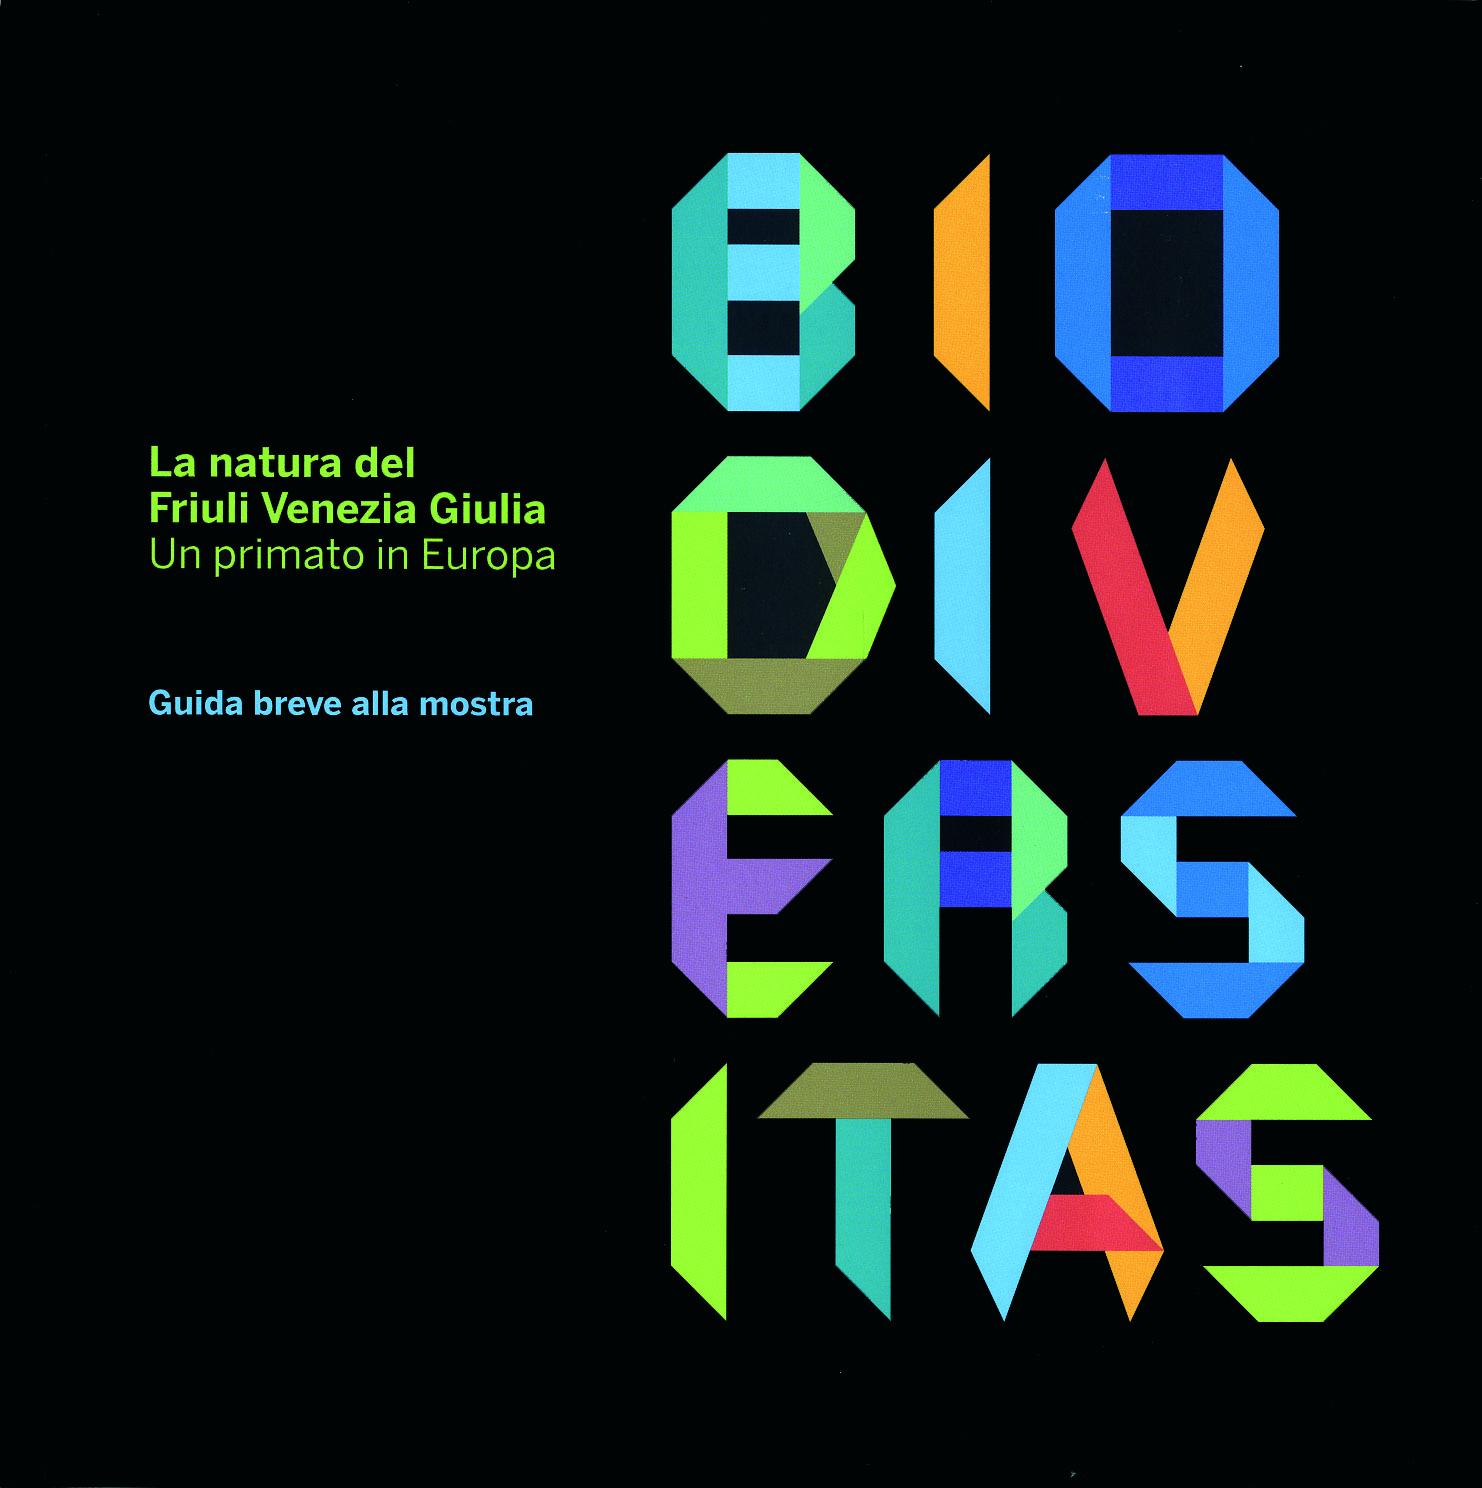 biodiversitas catalogo